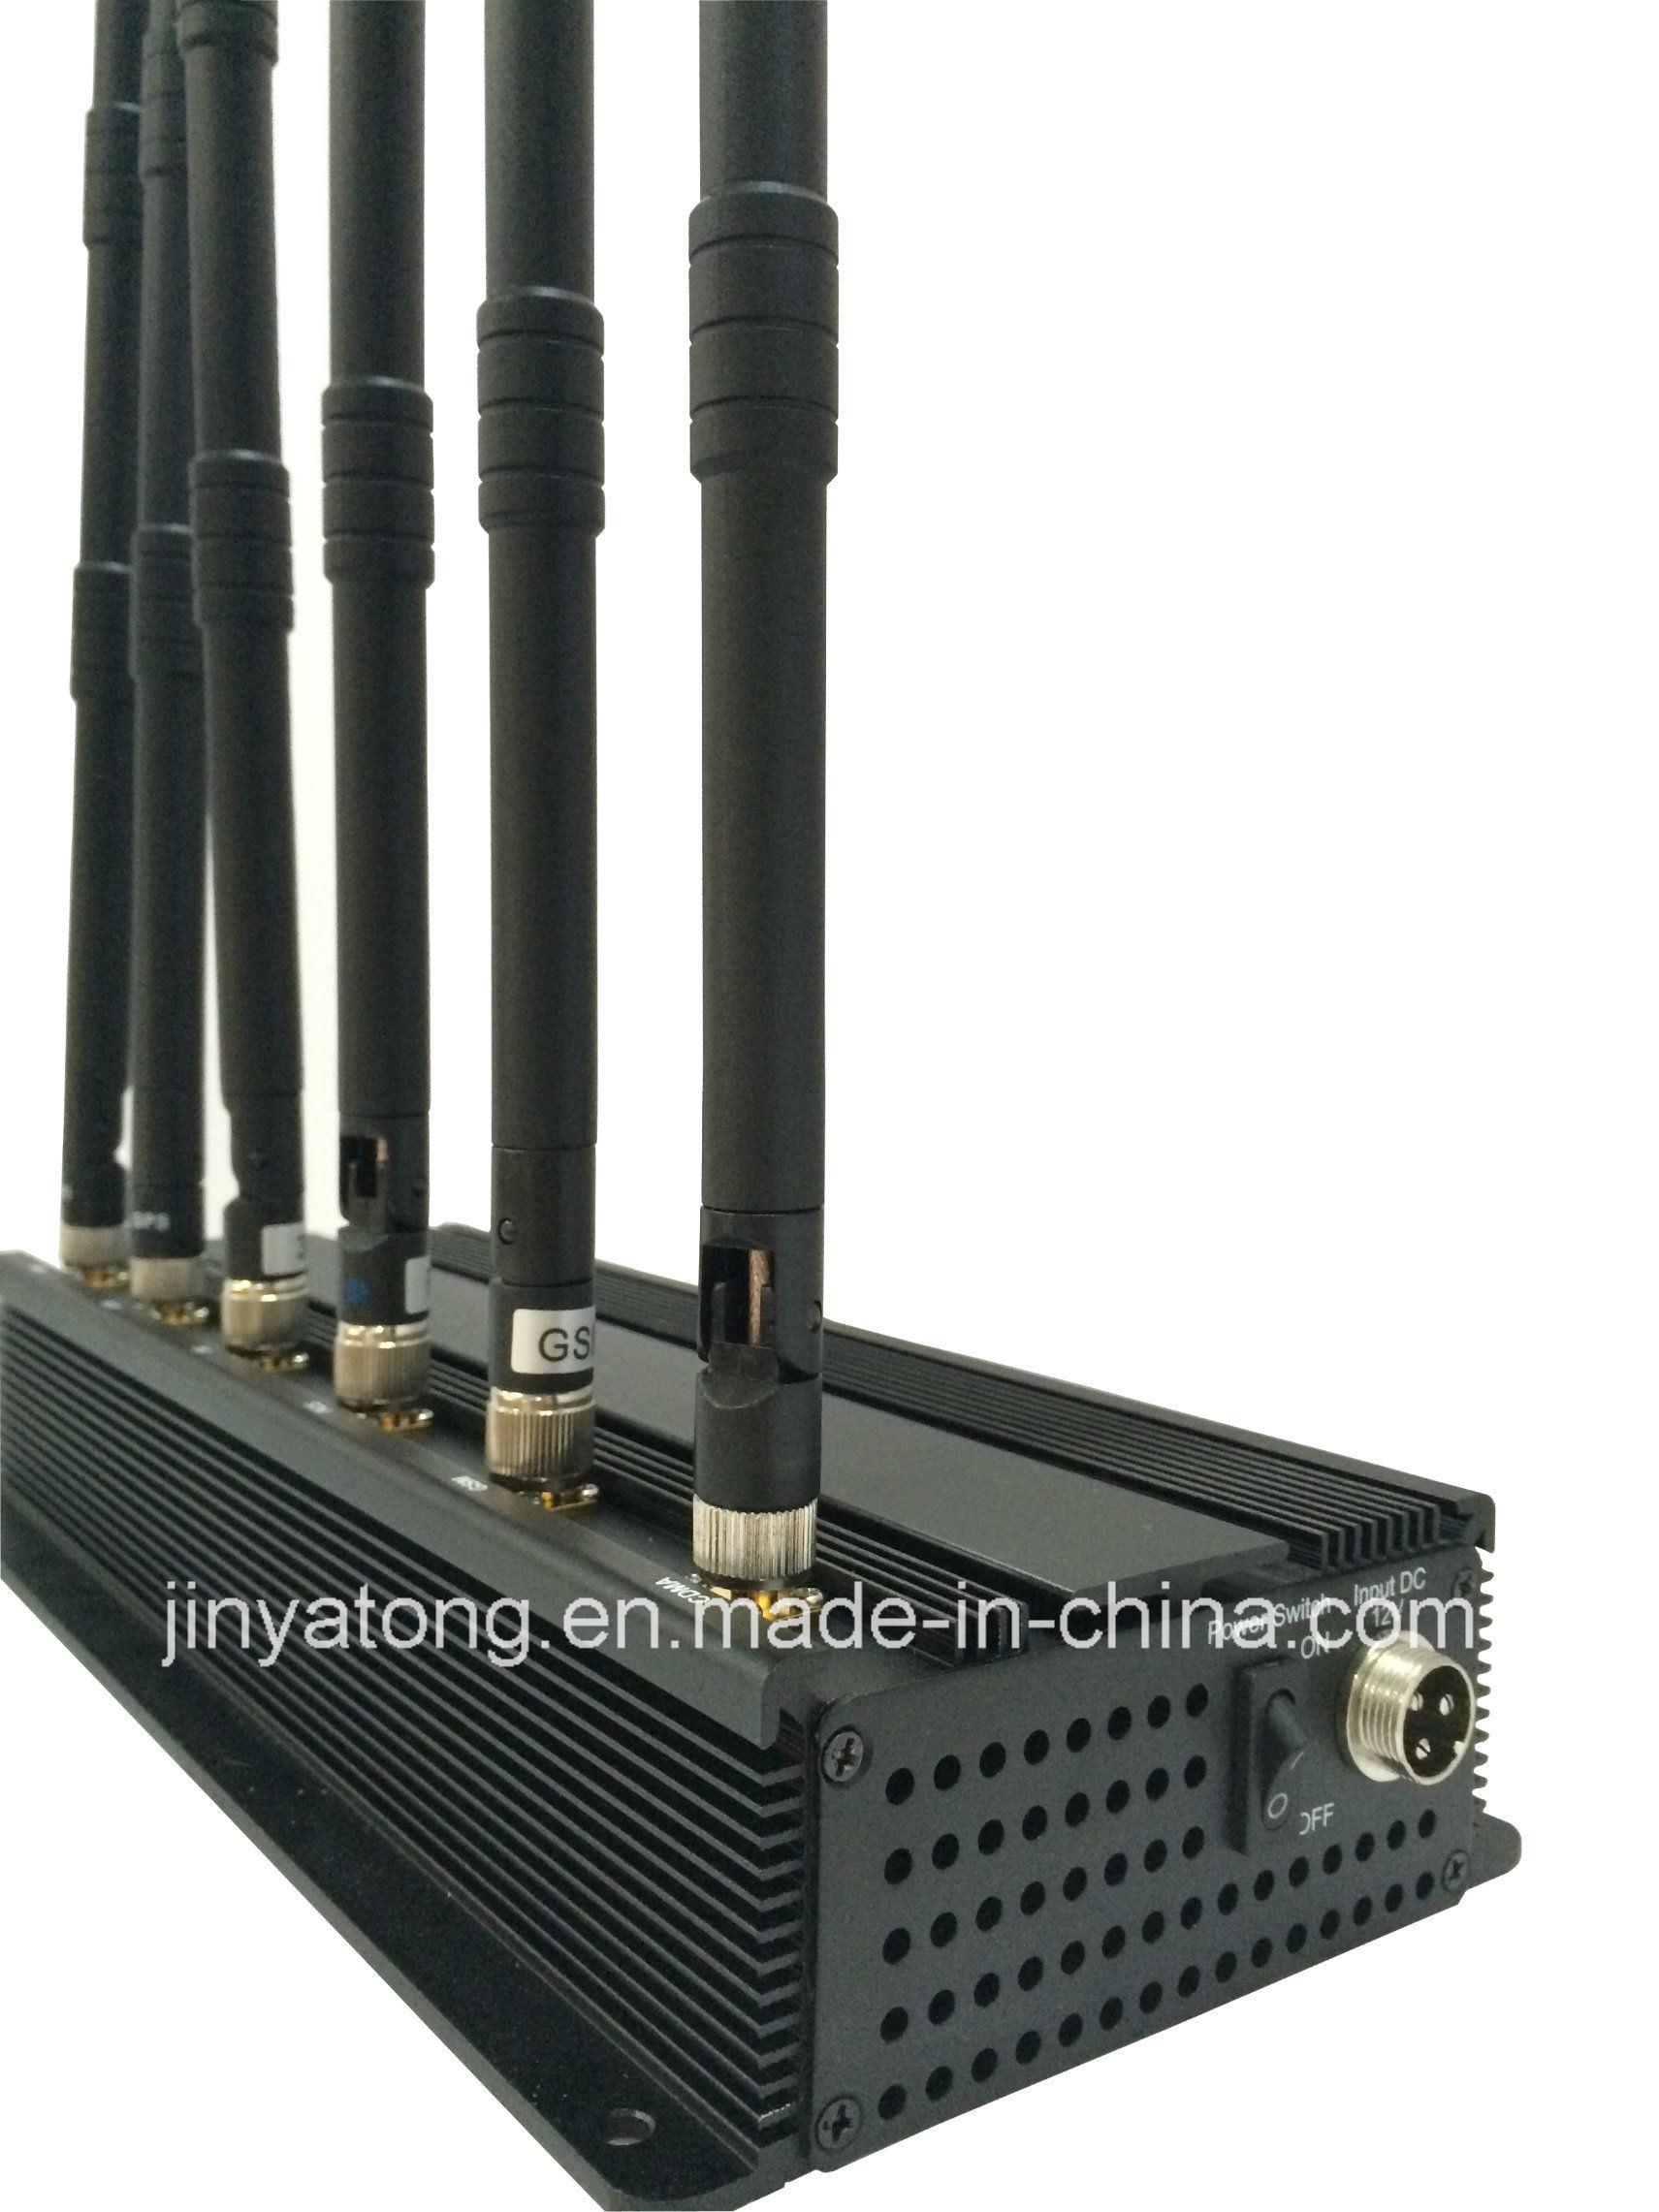 6 Antenna Desktop Cell Phone Jammer for Lojack